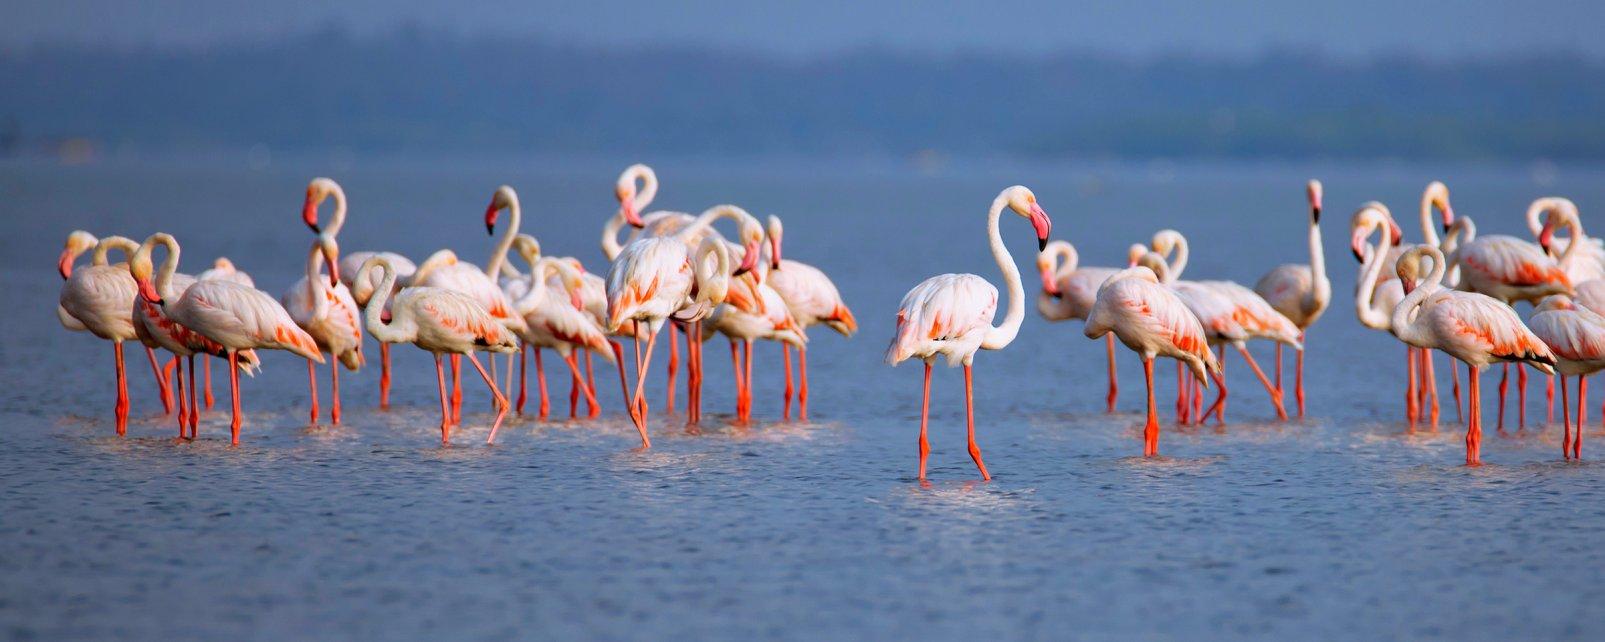 , La reserva ornitológica de Pulicat, Los parques y las reservas naturales, Tamil Nadu